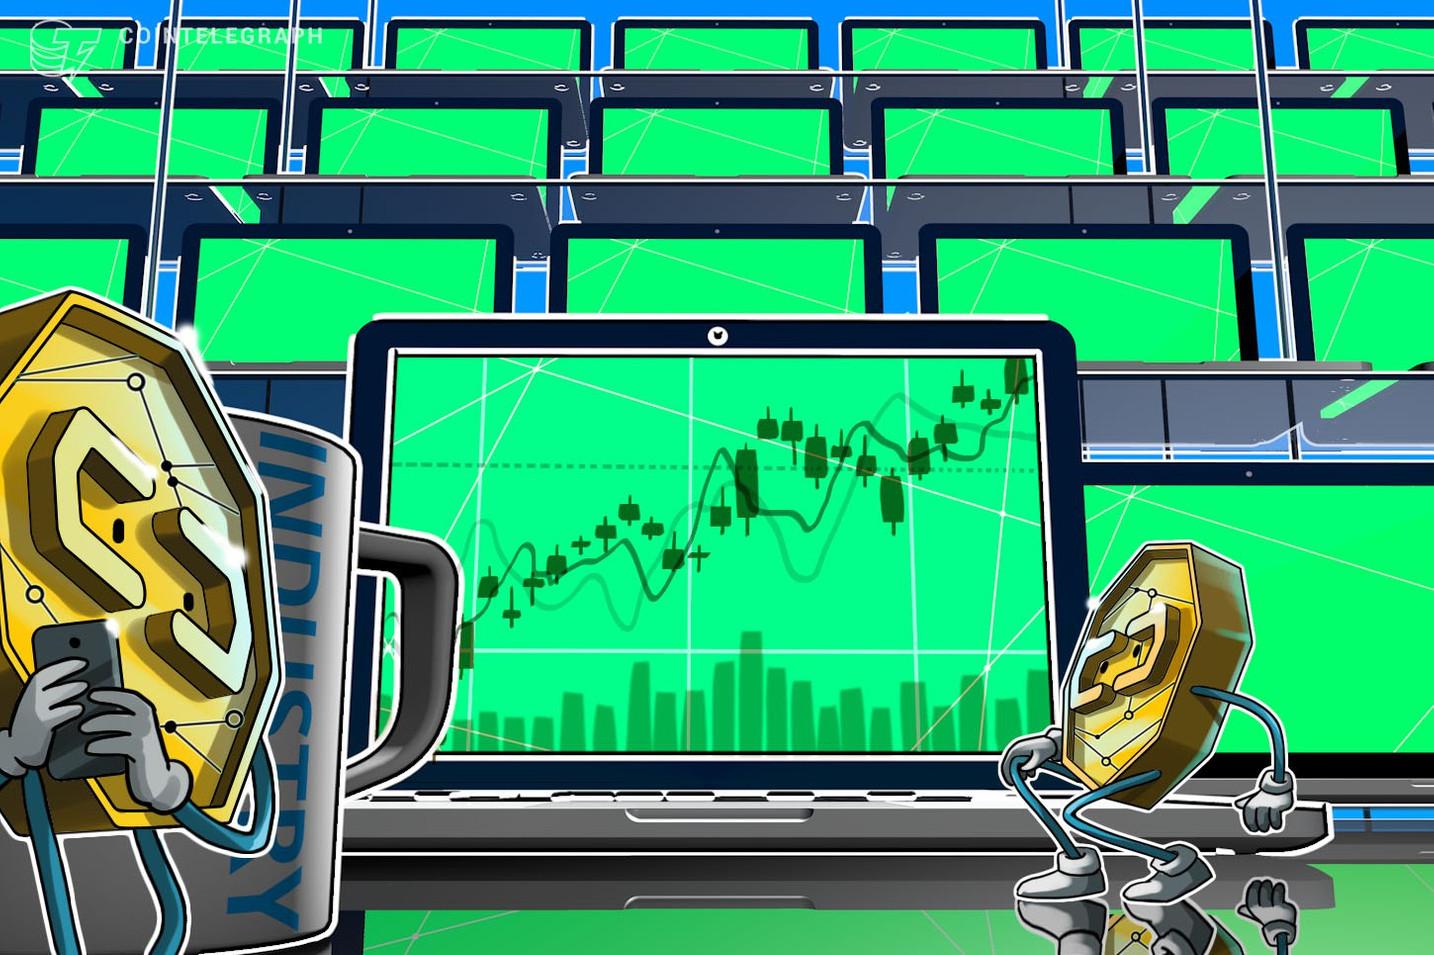 Bitcoin encosta nos US$ 3.750 e as principais criptos têm ganhos moderados